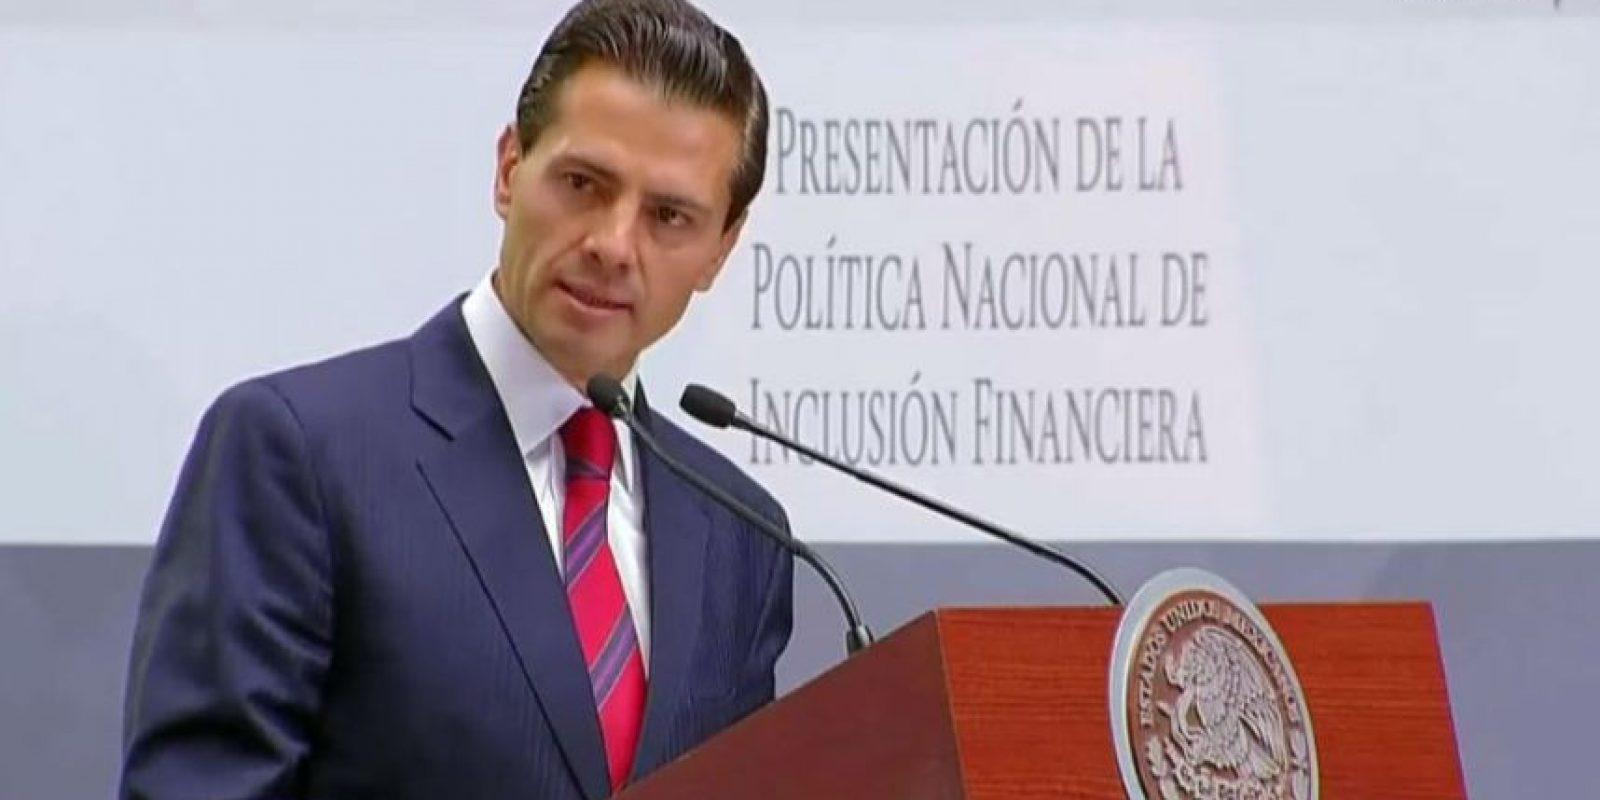 El mandatario dijo que el objetivo es que todos los mexicanos puedan acceder al sistema financiero Foto:@PresidenciaMX